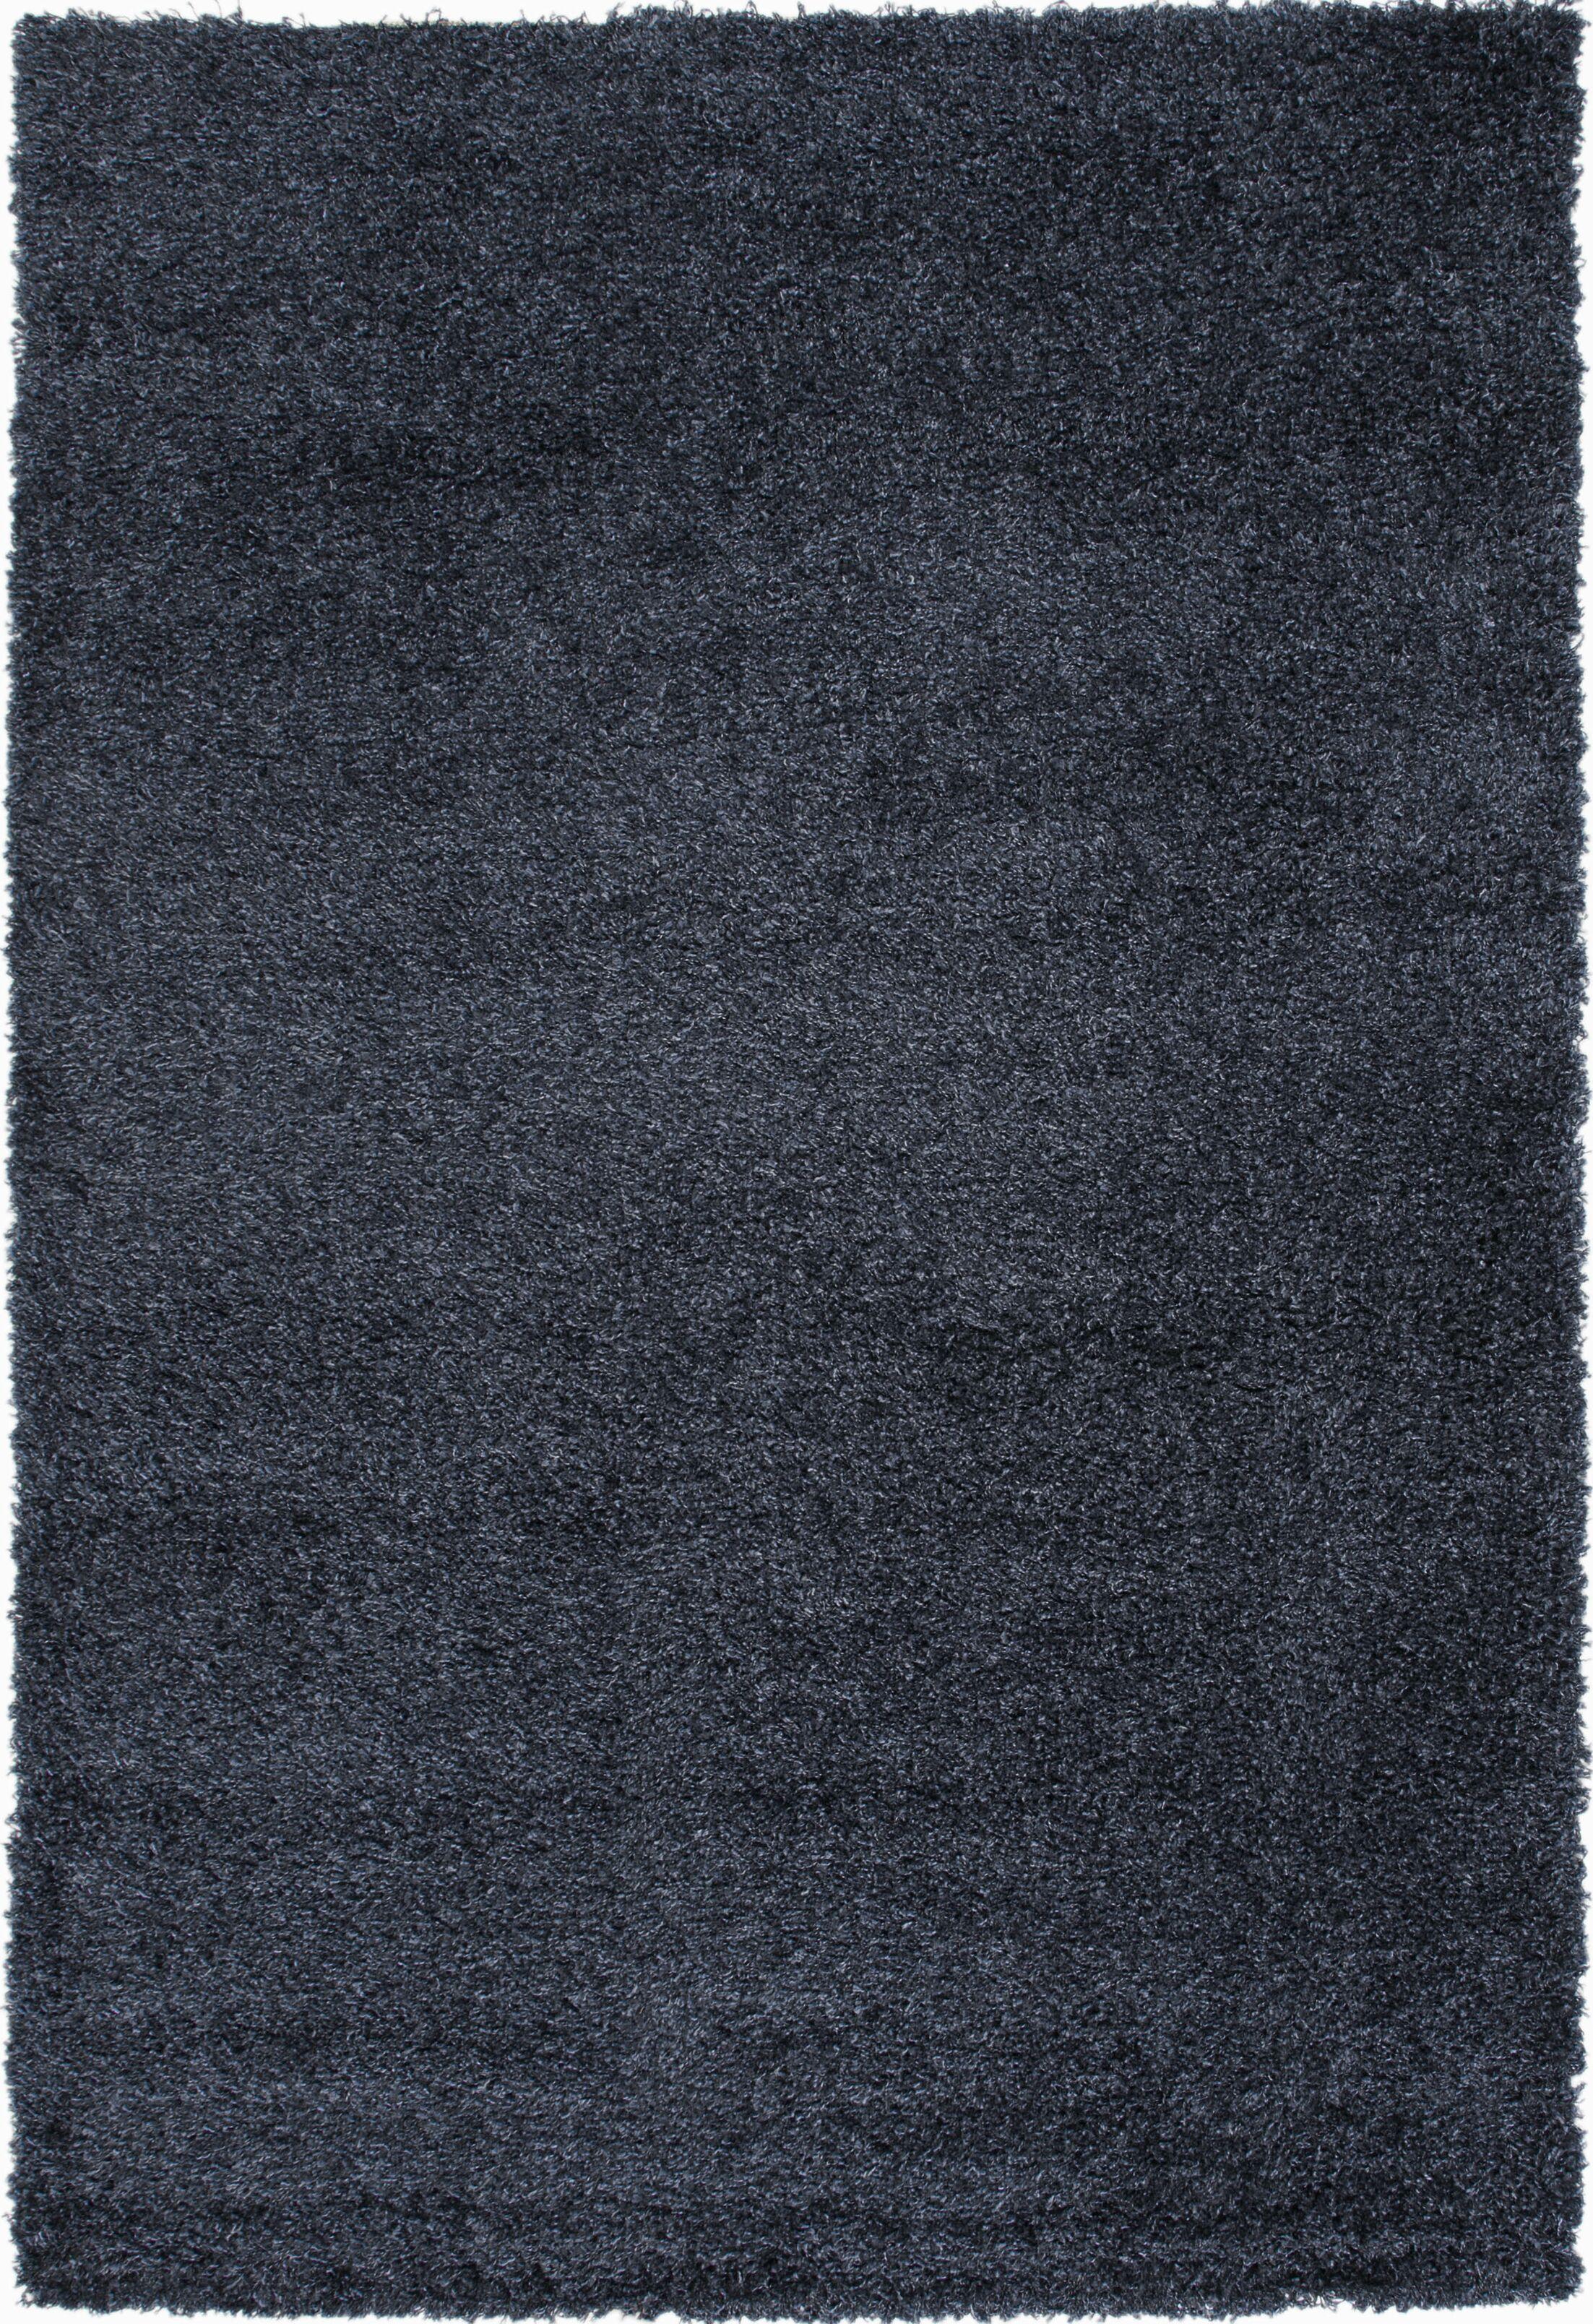 Justine Blue Area Rug Rug Size: 5'3